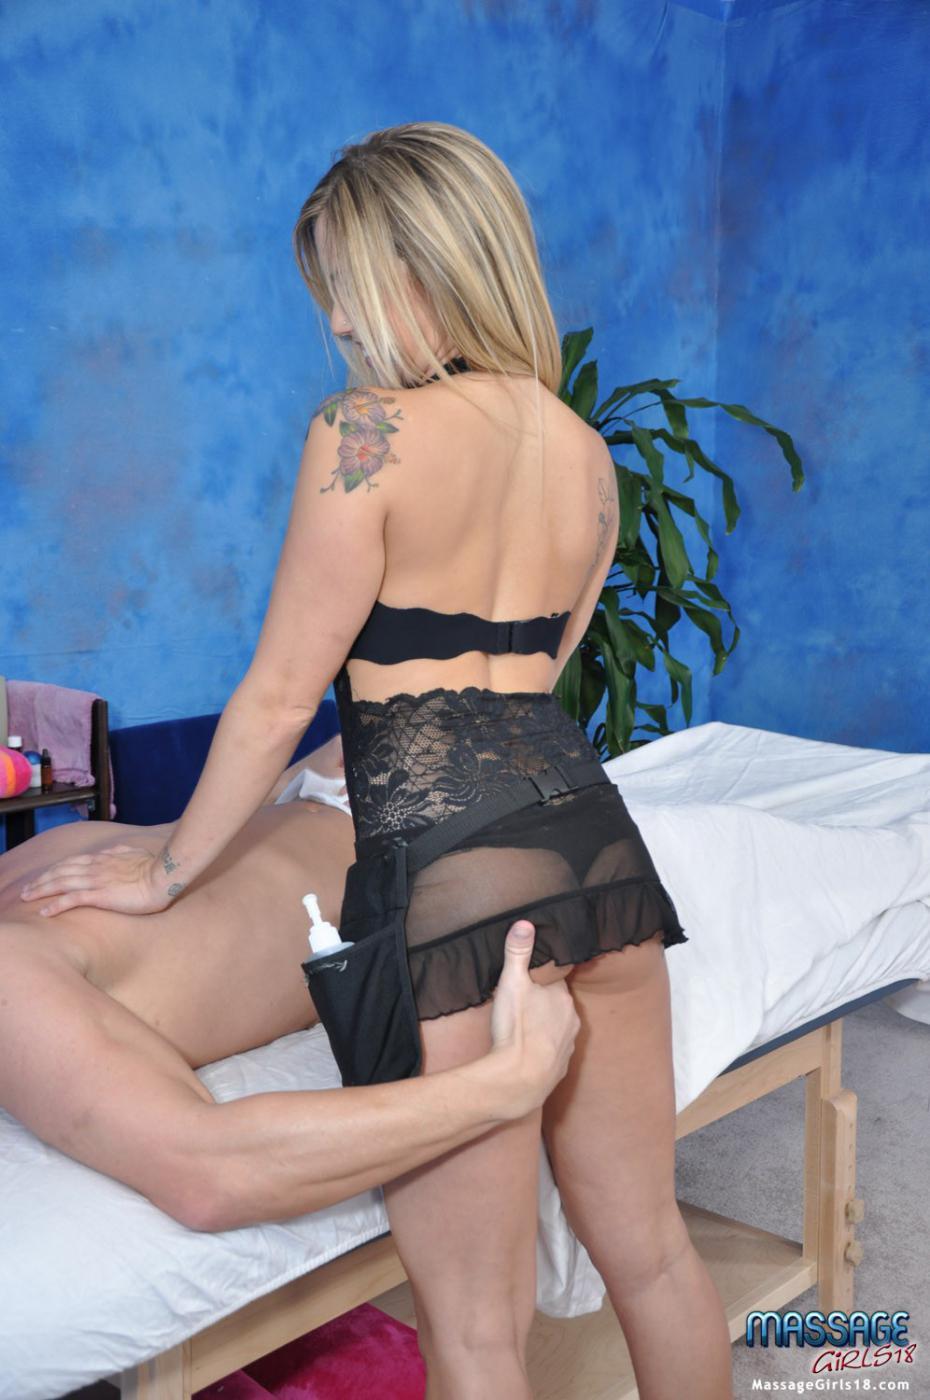 Сексуальная массажистка с милой попкой и выбритой мандой Sienna Milano скачет на писюне